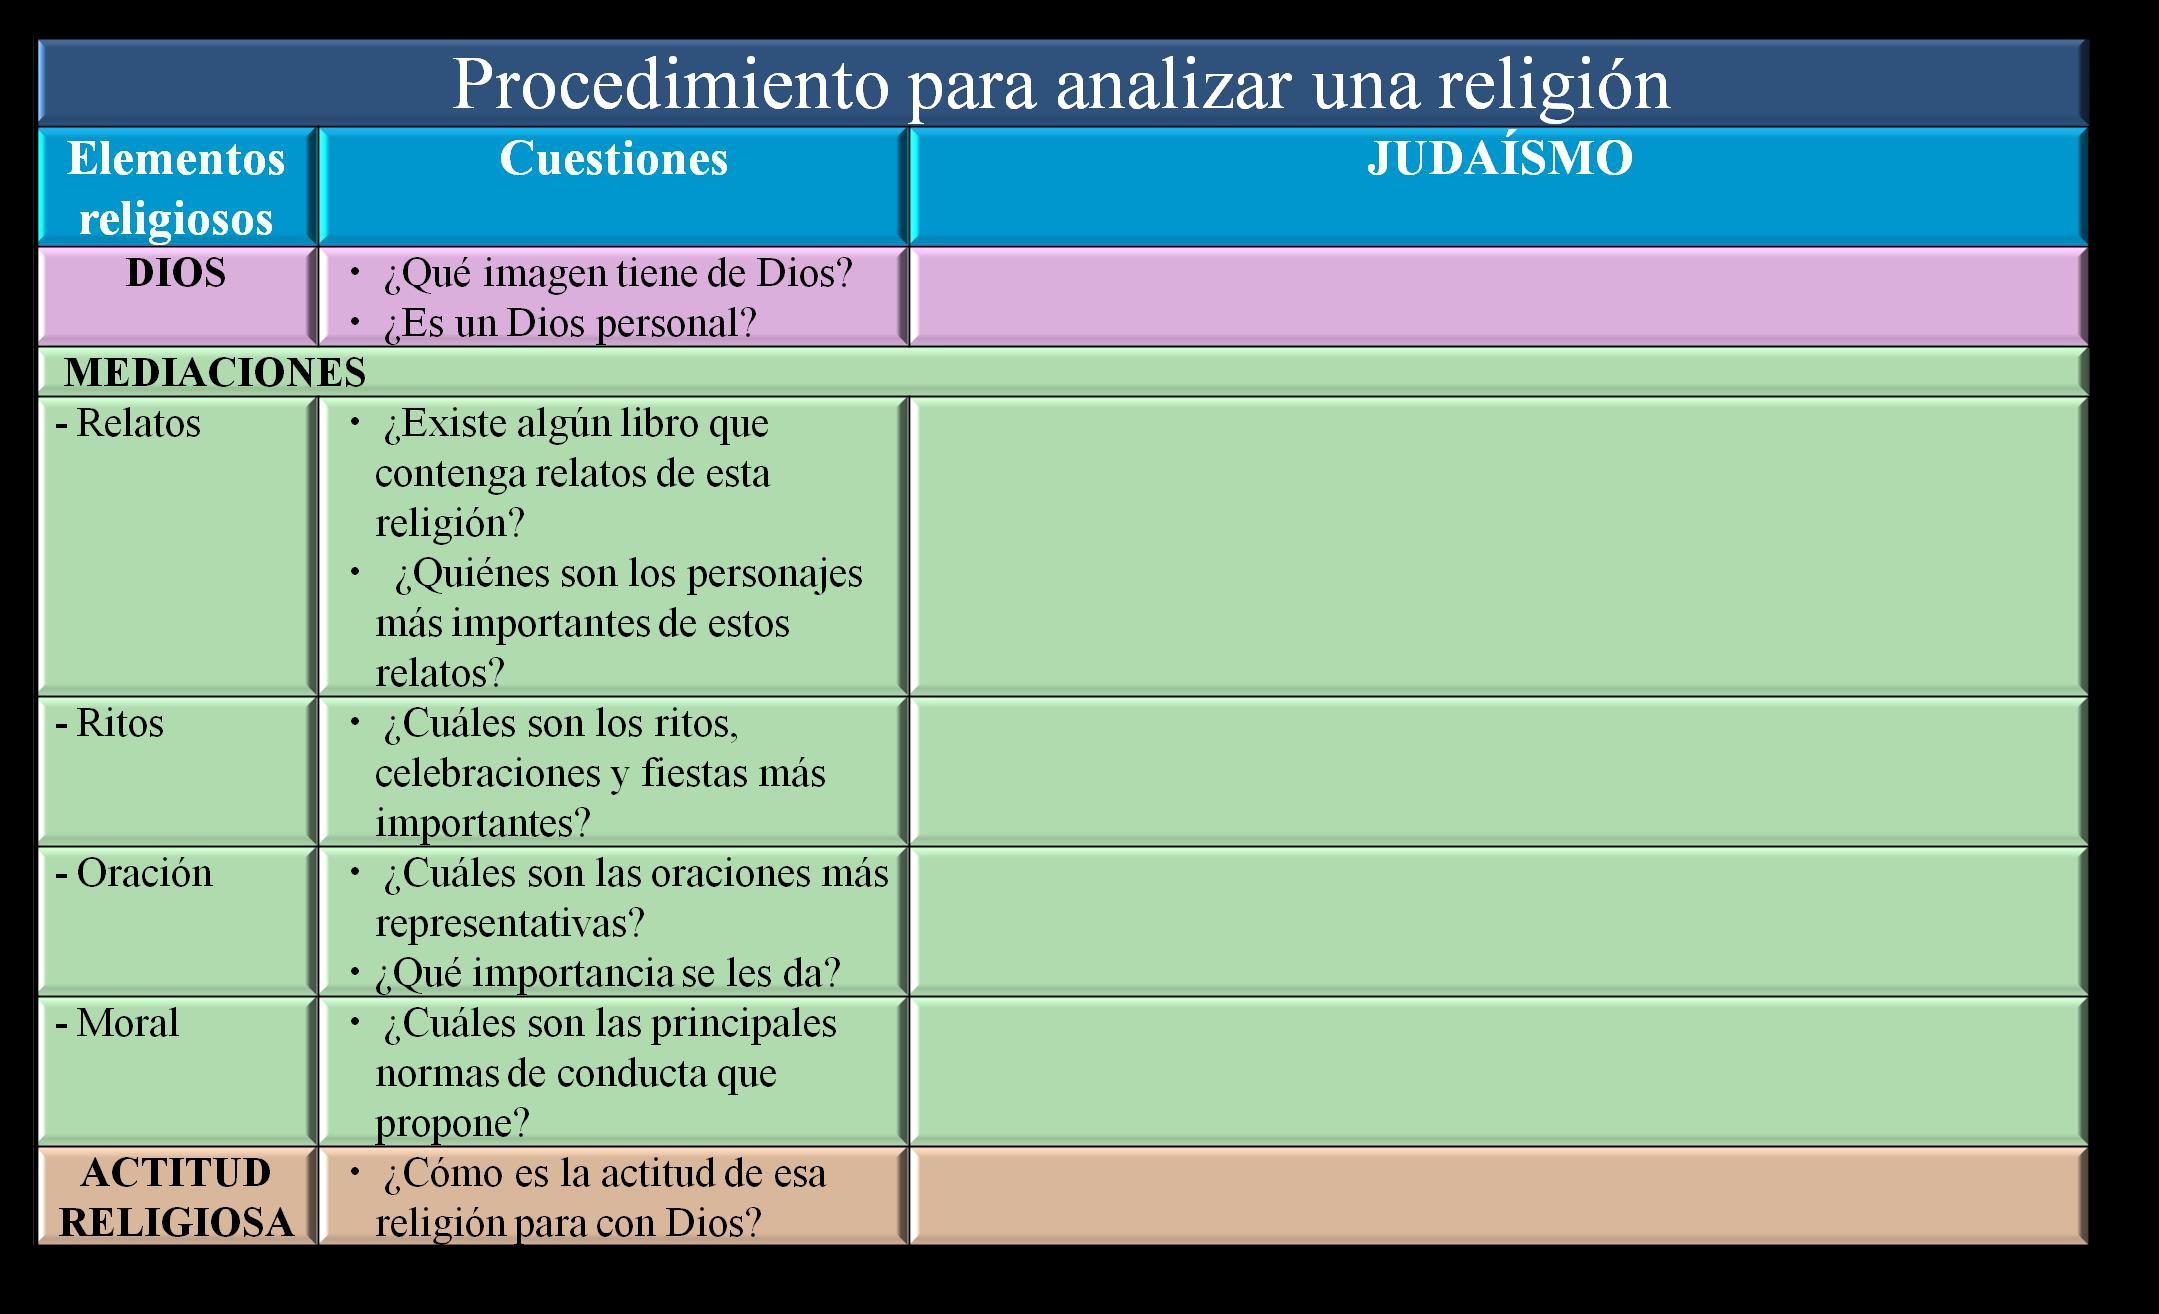 Cuadro Comparativo De Religiones Monoteistas Y Politeistas